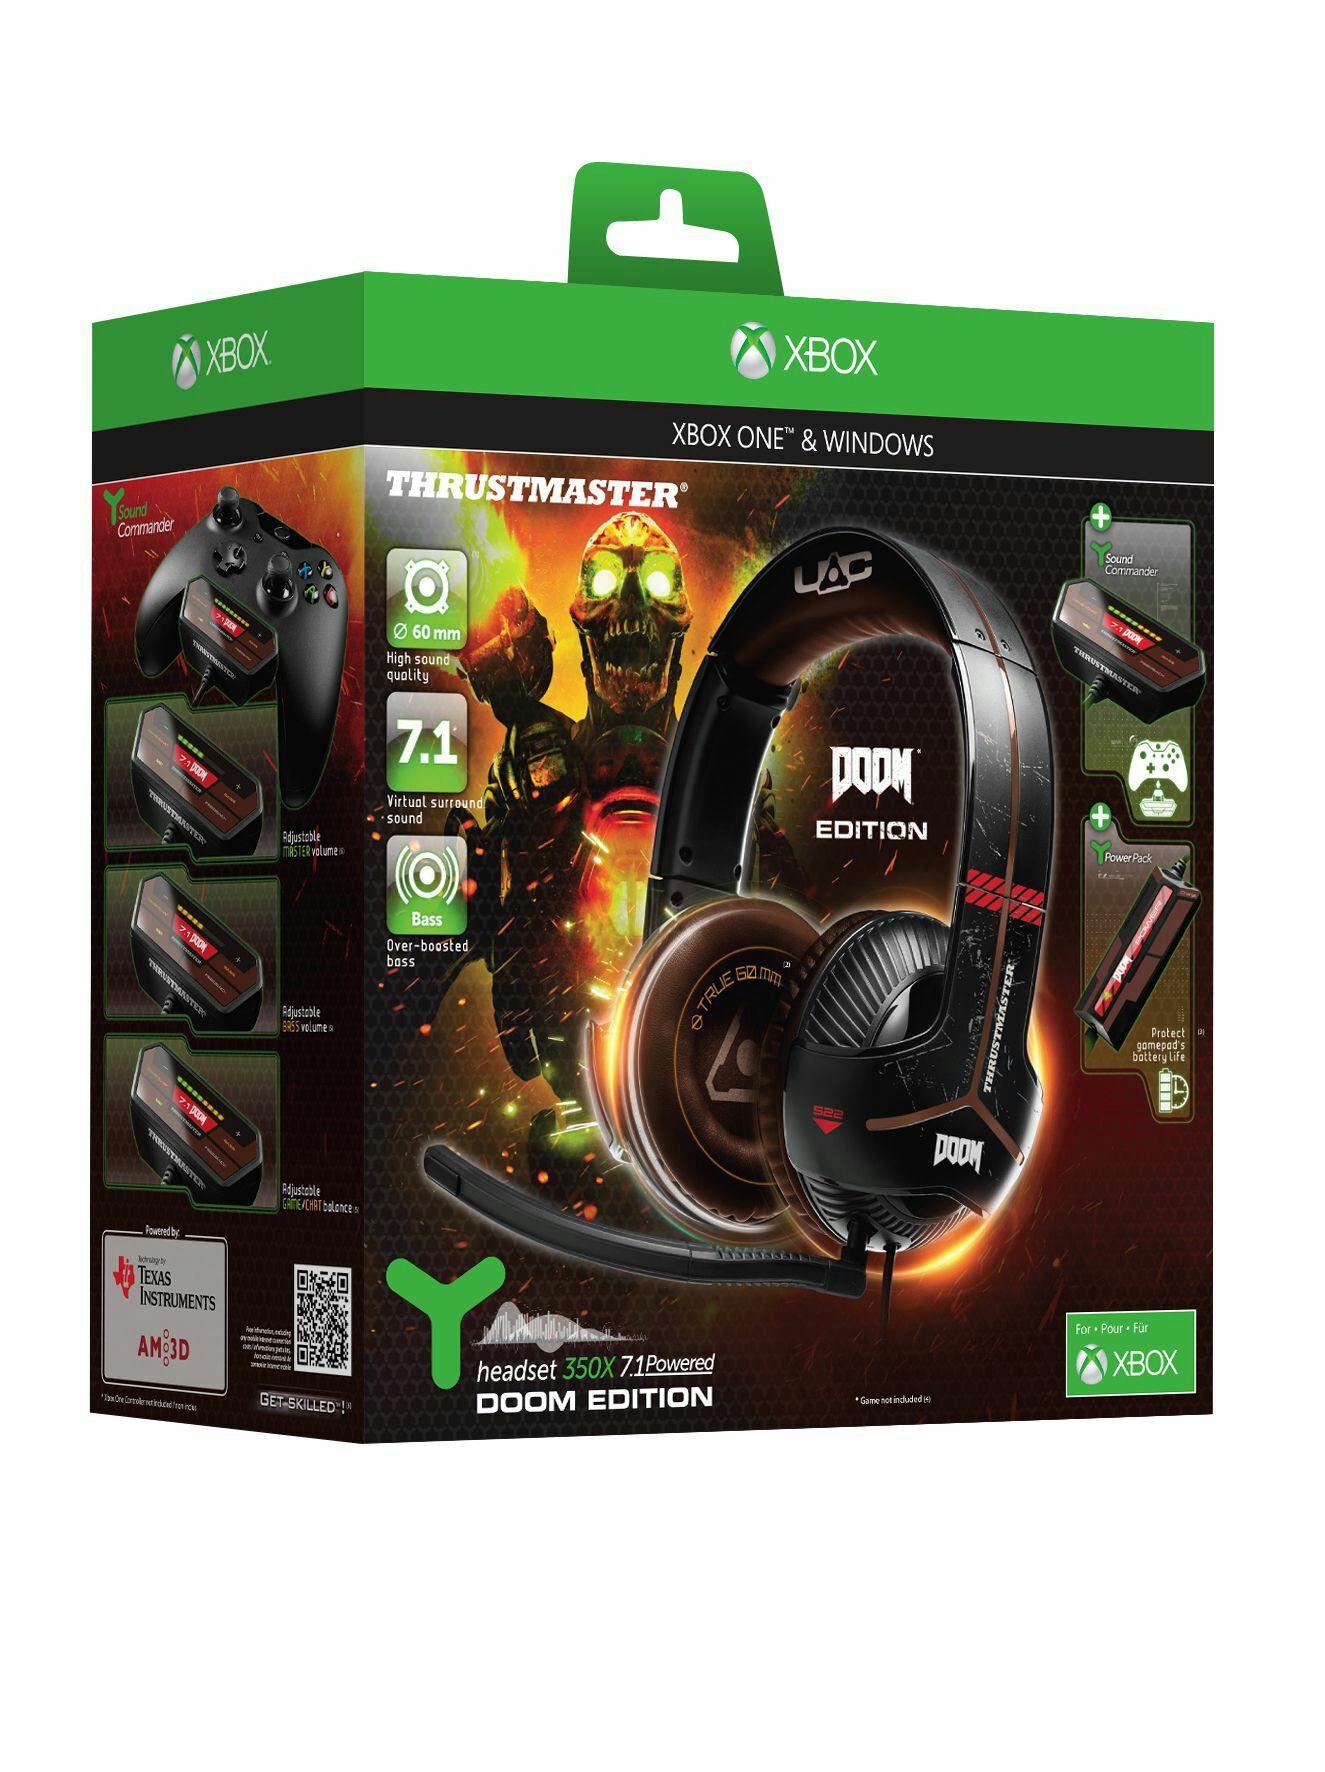 [coolshop]Thrustmaster Y-350X 7.1 Powered Gaming Headset - DOOM Edition (xbox/win10) UPDATE : AUSVERKAUFT